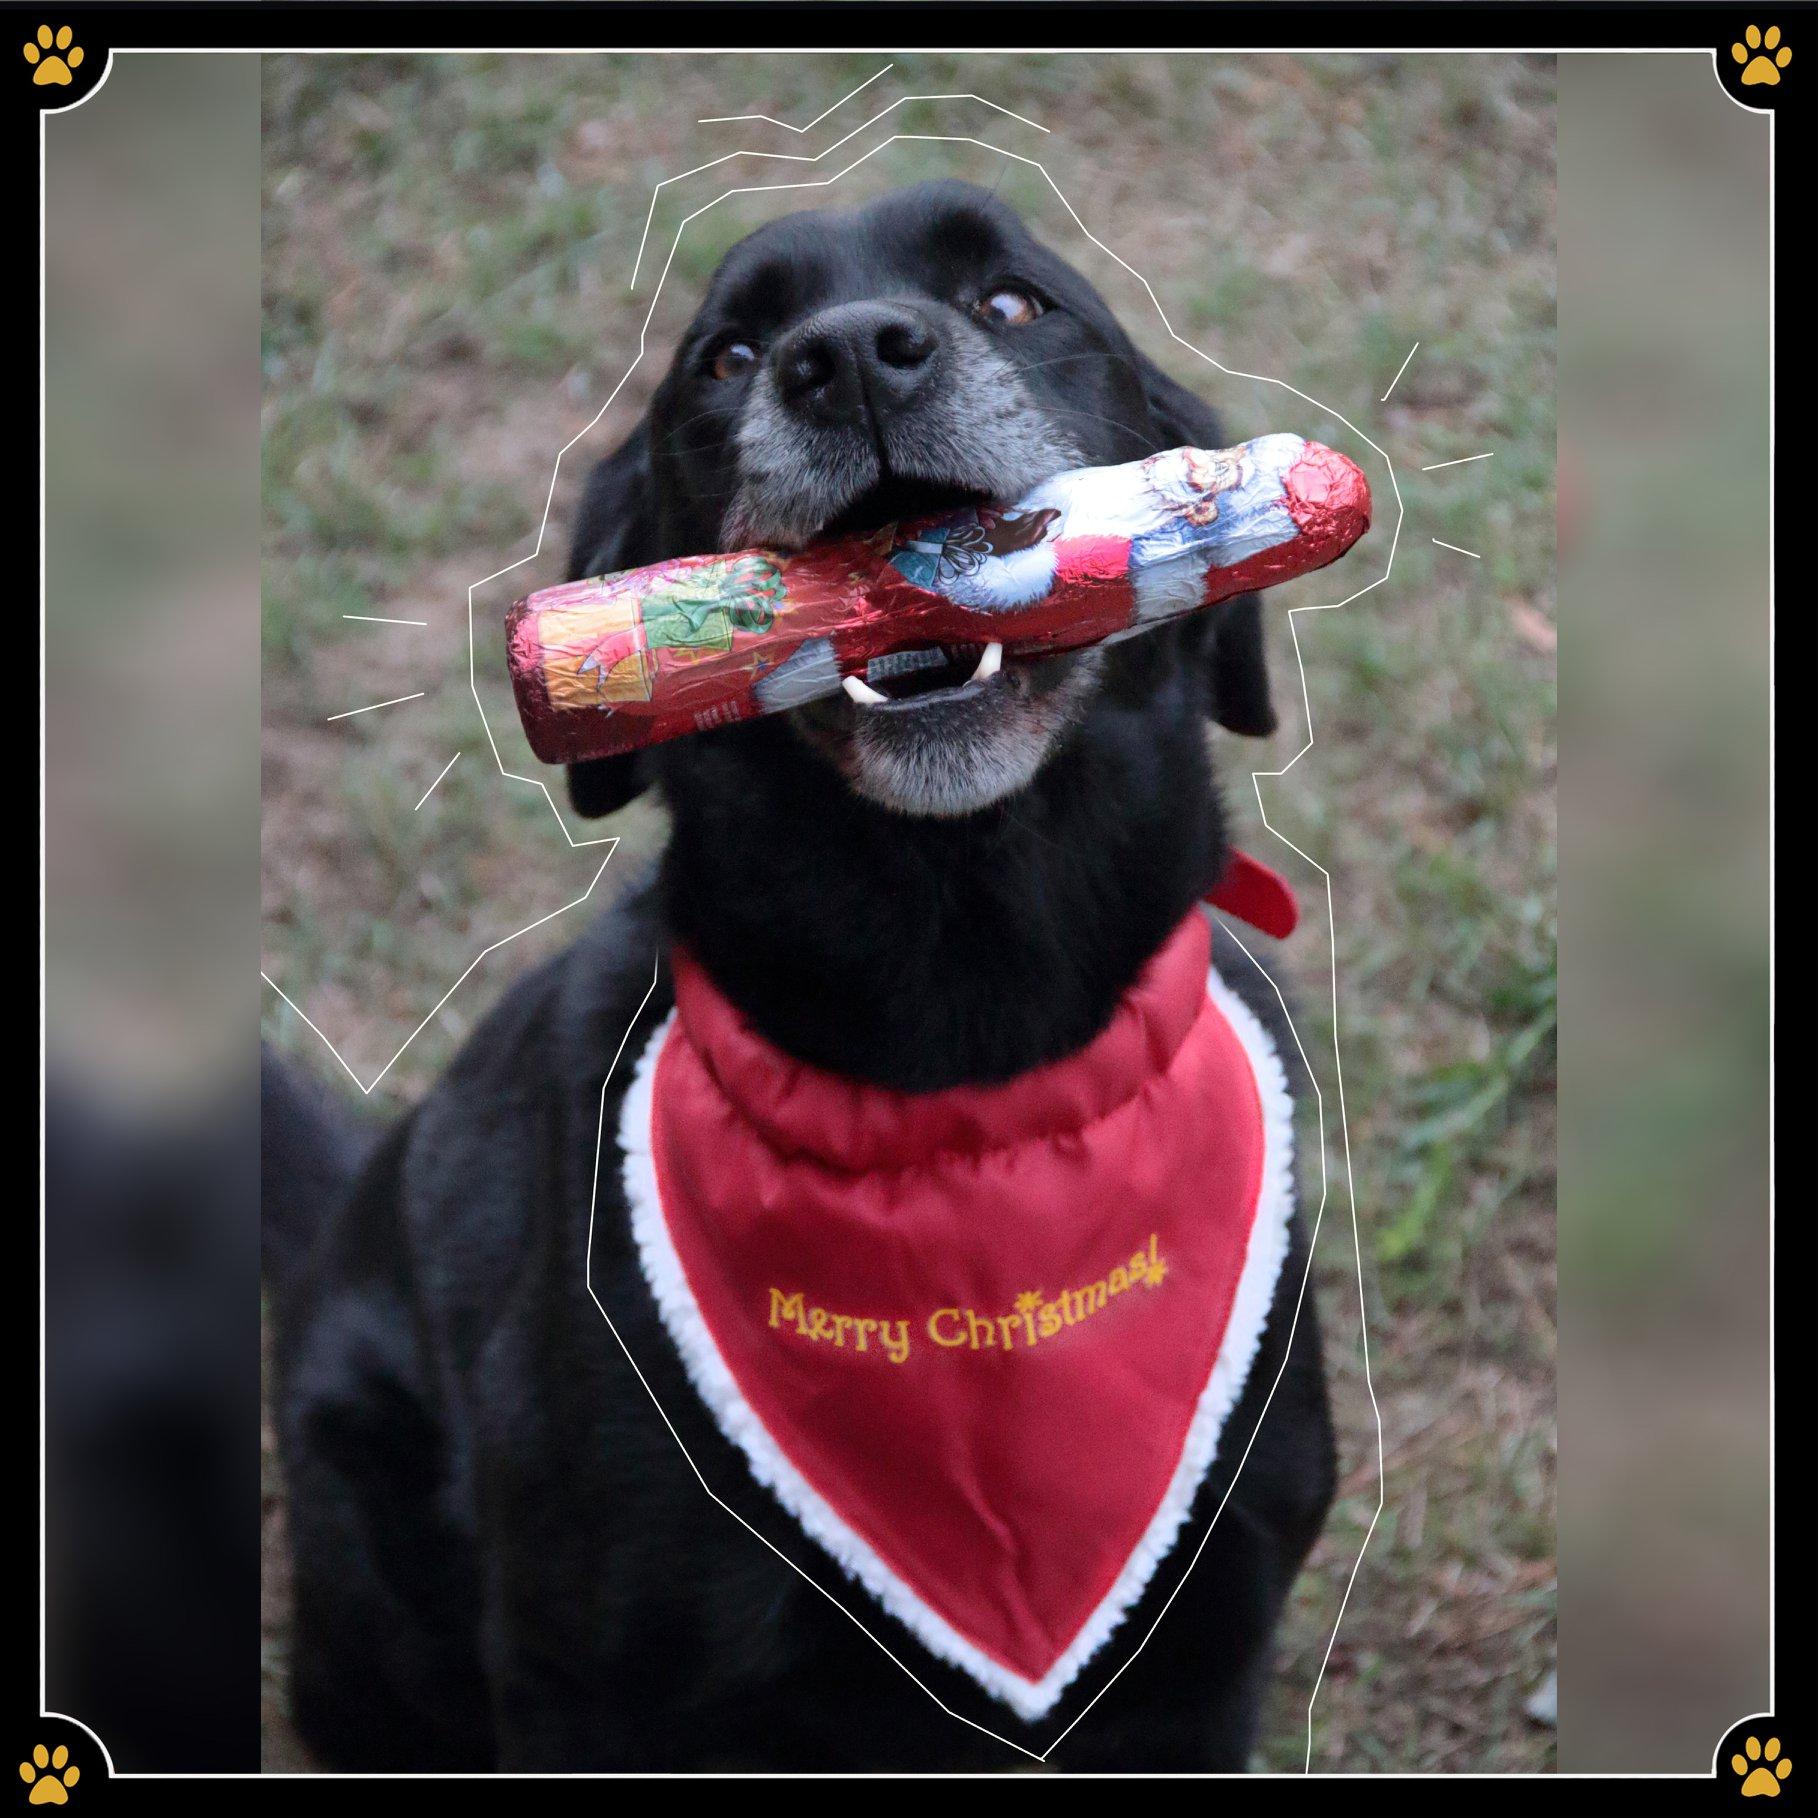 """3. Dezember - """"Oh nein, der Hund hat Schokolade gefressen. Wir müssen sofort zum Tierarzt!"""" schreit die Oma plötzlich. 😳 Erschrockene Gesichter blicken Sie vom Weihnachtsbaum an – dabei sollte doch gerade die Bescherung beginnen. 🎁Doch bevor nun die gesamte Familie in Panik verfällt sollte geklärt werden was für eine Schokolade der Hund überhaupt gefressen hat. Denn nicht die Schokolade, sondern der darin enthaltene Kakao, welcher den Wirkstoff Theobromin enthält, ist gefährlich. 🍫Von allen Schokoladensorten ist daher die Zartbitterschokolade für den Hund am giftigsten. Hier reichen schon bei einem 20kg schweren Hund, 25g dunkler Schokolade um zu Vergiftungserscheinungen zu führen. ☠️ Vollmilchschokolade und weiße Schokolade haben aber einen geringen, bis gar keinen Anteil an Theobromin und sind nur des Zuckers wegen nicht besonders gesund für den Hund. Also nicht gleich in Panik verfallen, sondern erst abklären um welche Schokolade es sich überhaupt gehandelt hat. Und im Zweifel geht man lieber einmal mehr zum Tierarzt als einmal zu wenig.💛"""